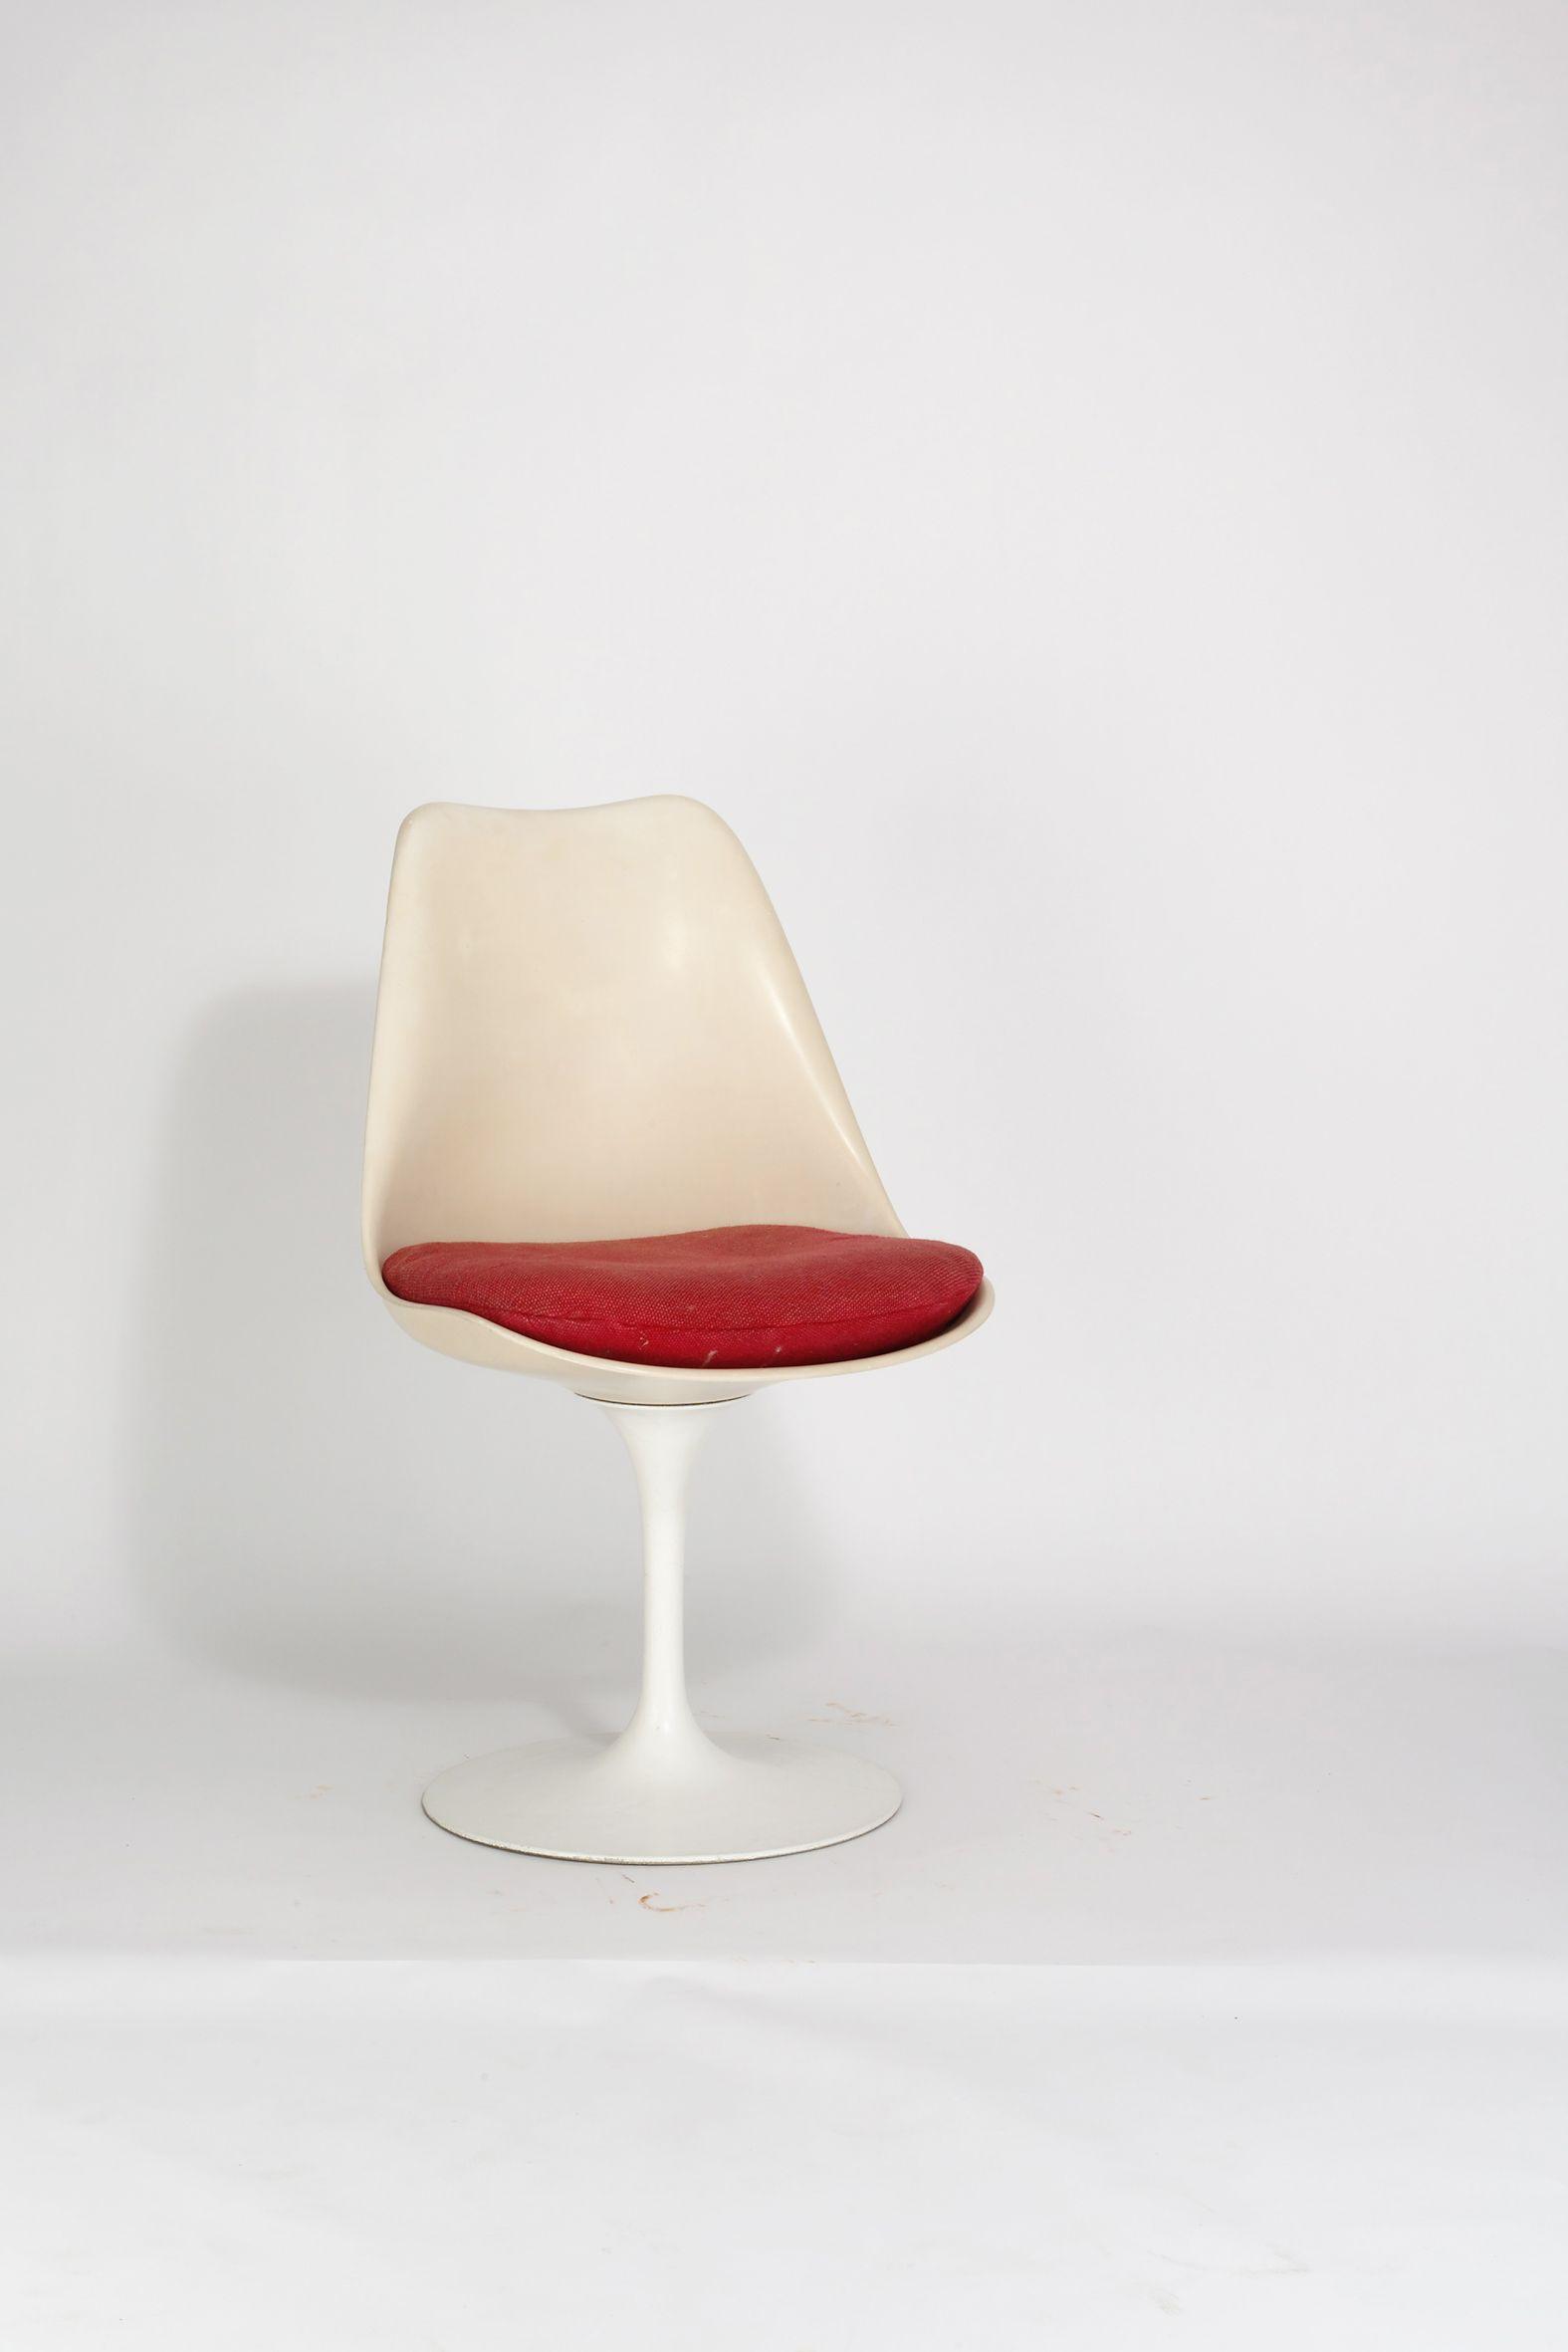 Eero Saarinen Tulip Chair No 151 1955 1956 CHAIRS